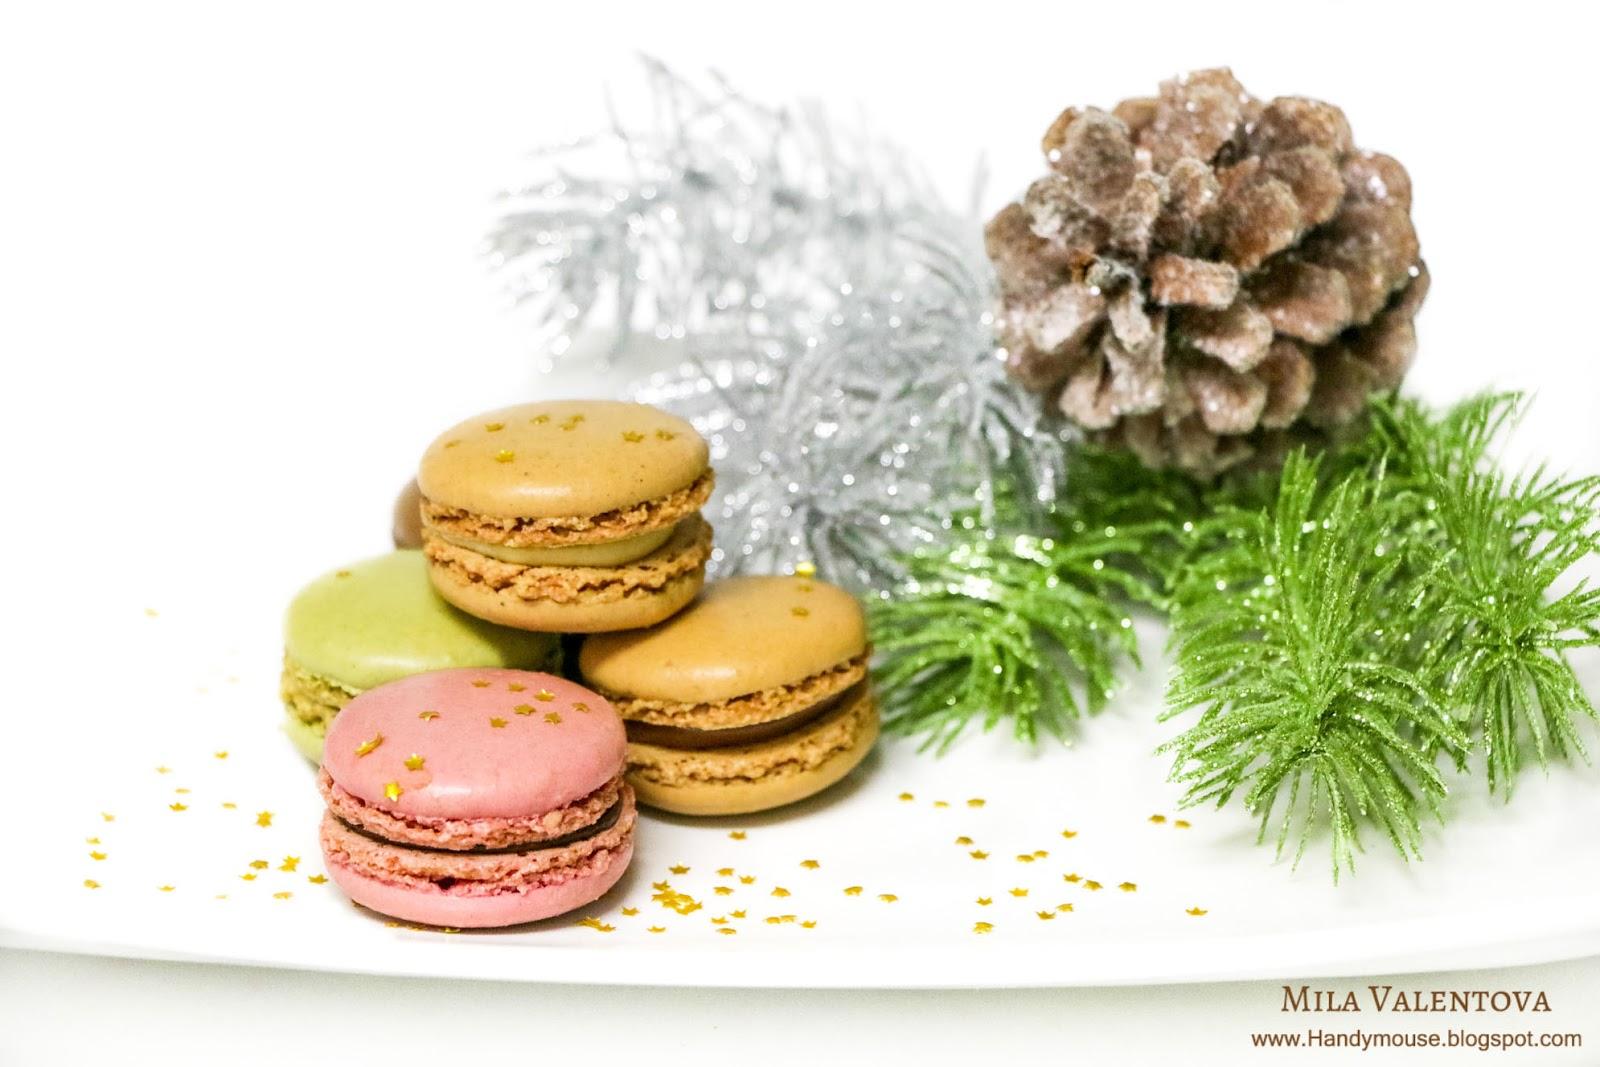 Новогодние сладости - макаронс. Мила Валентова